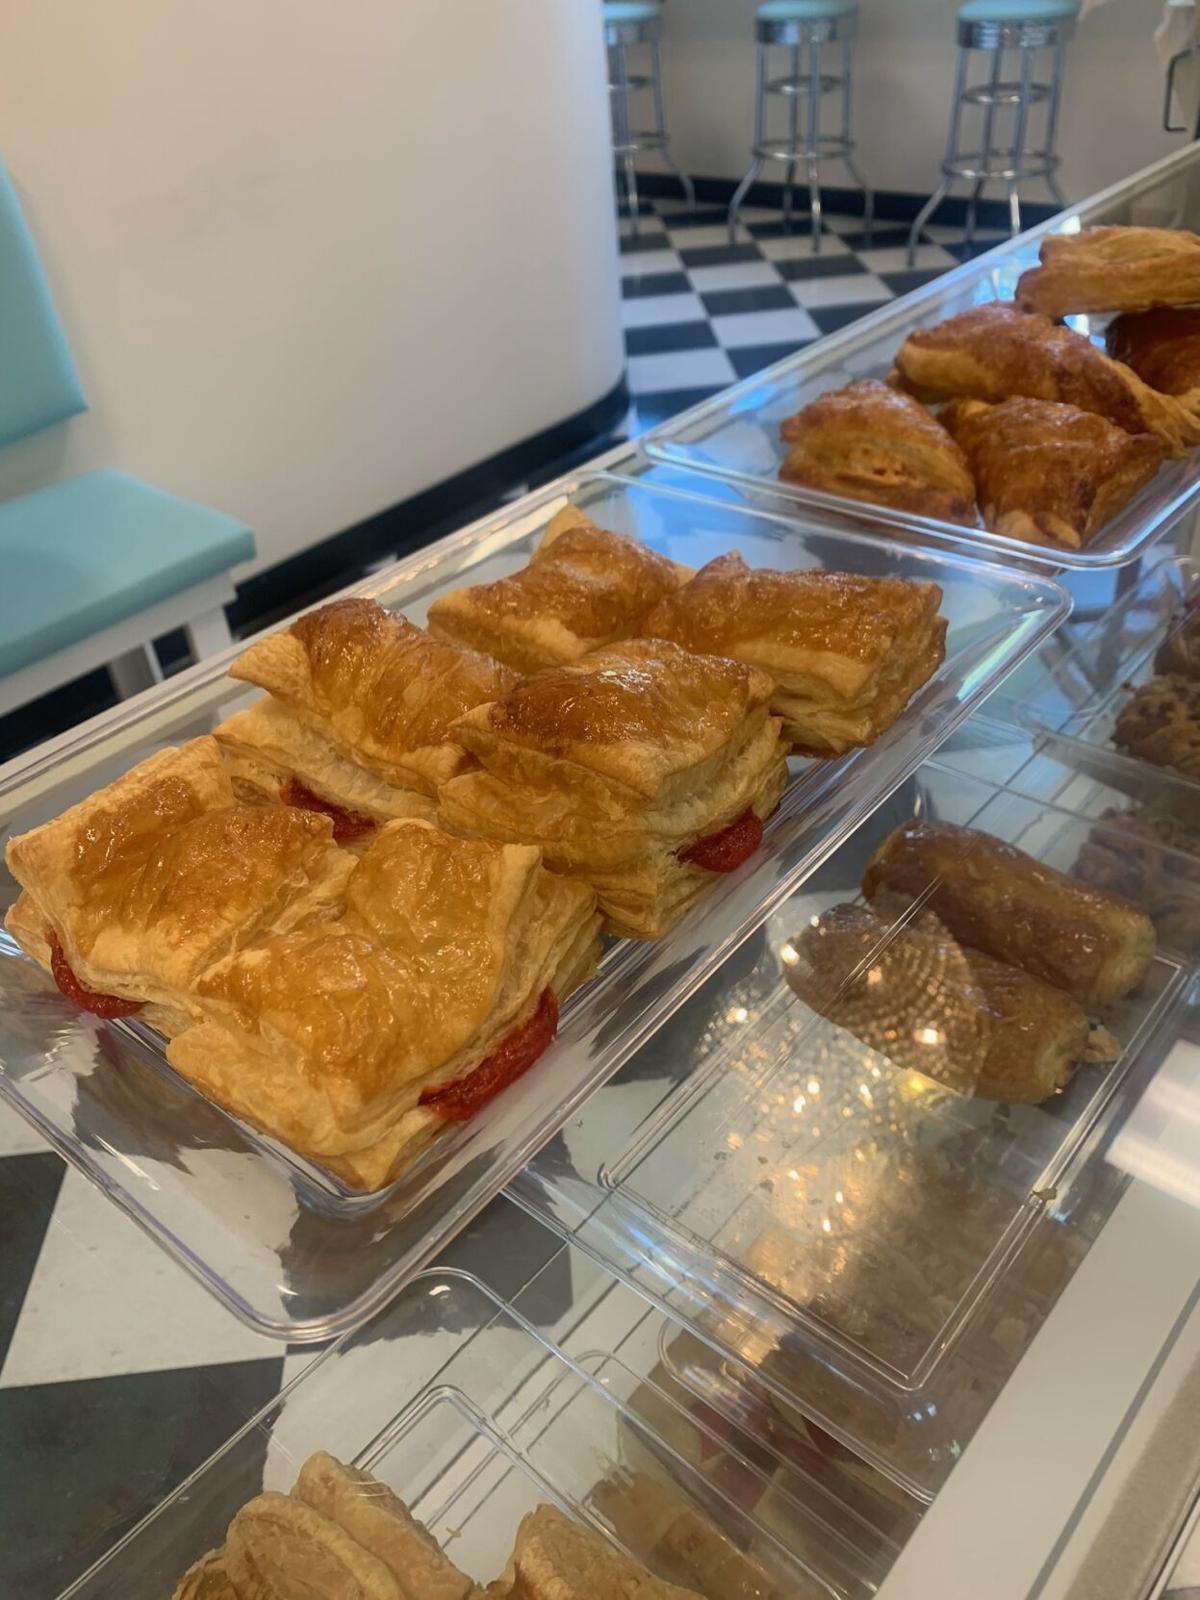 PA-bakery2-122320.jpeg